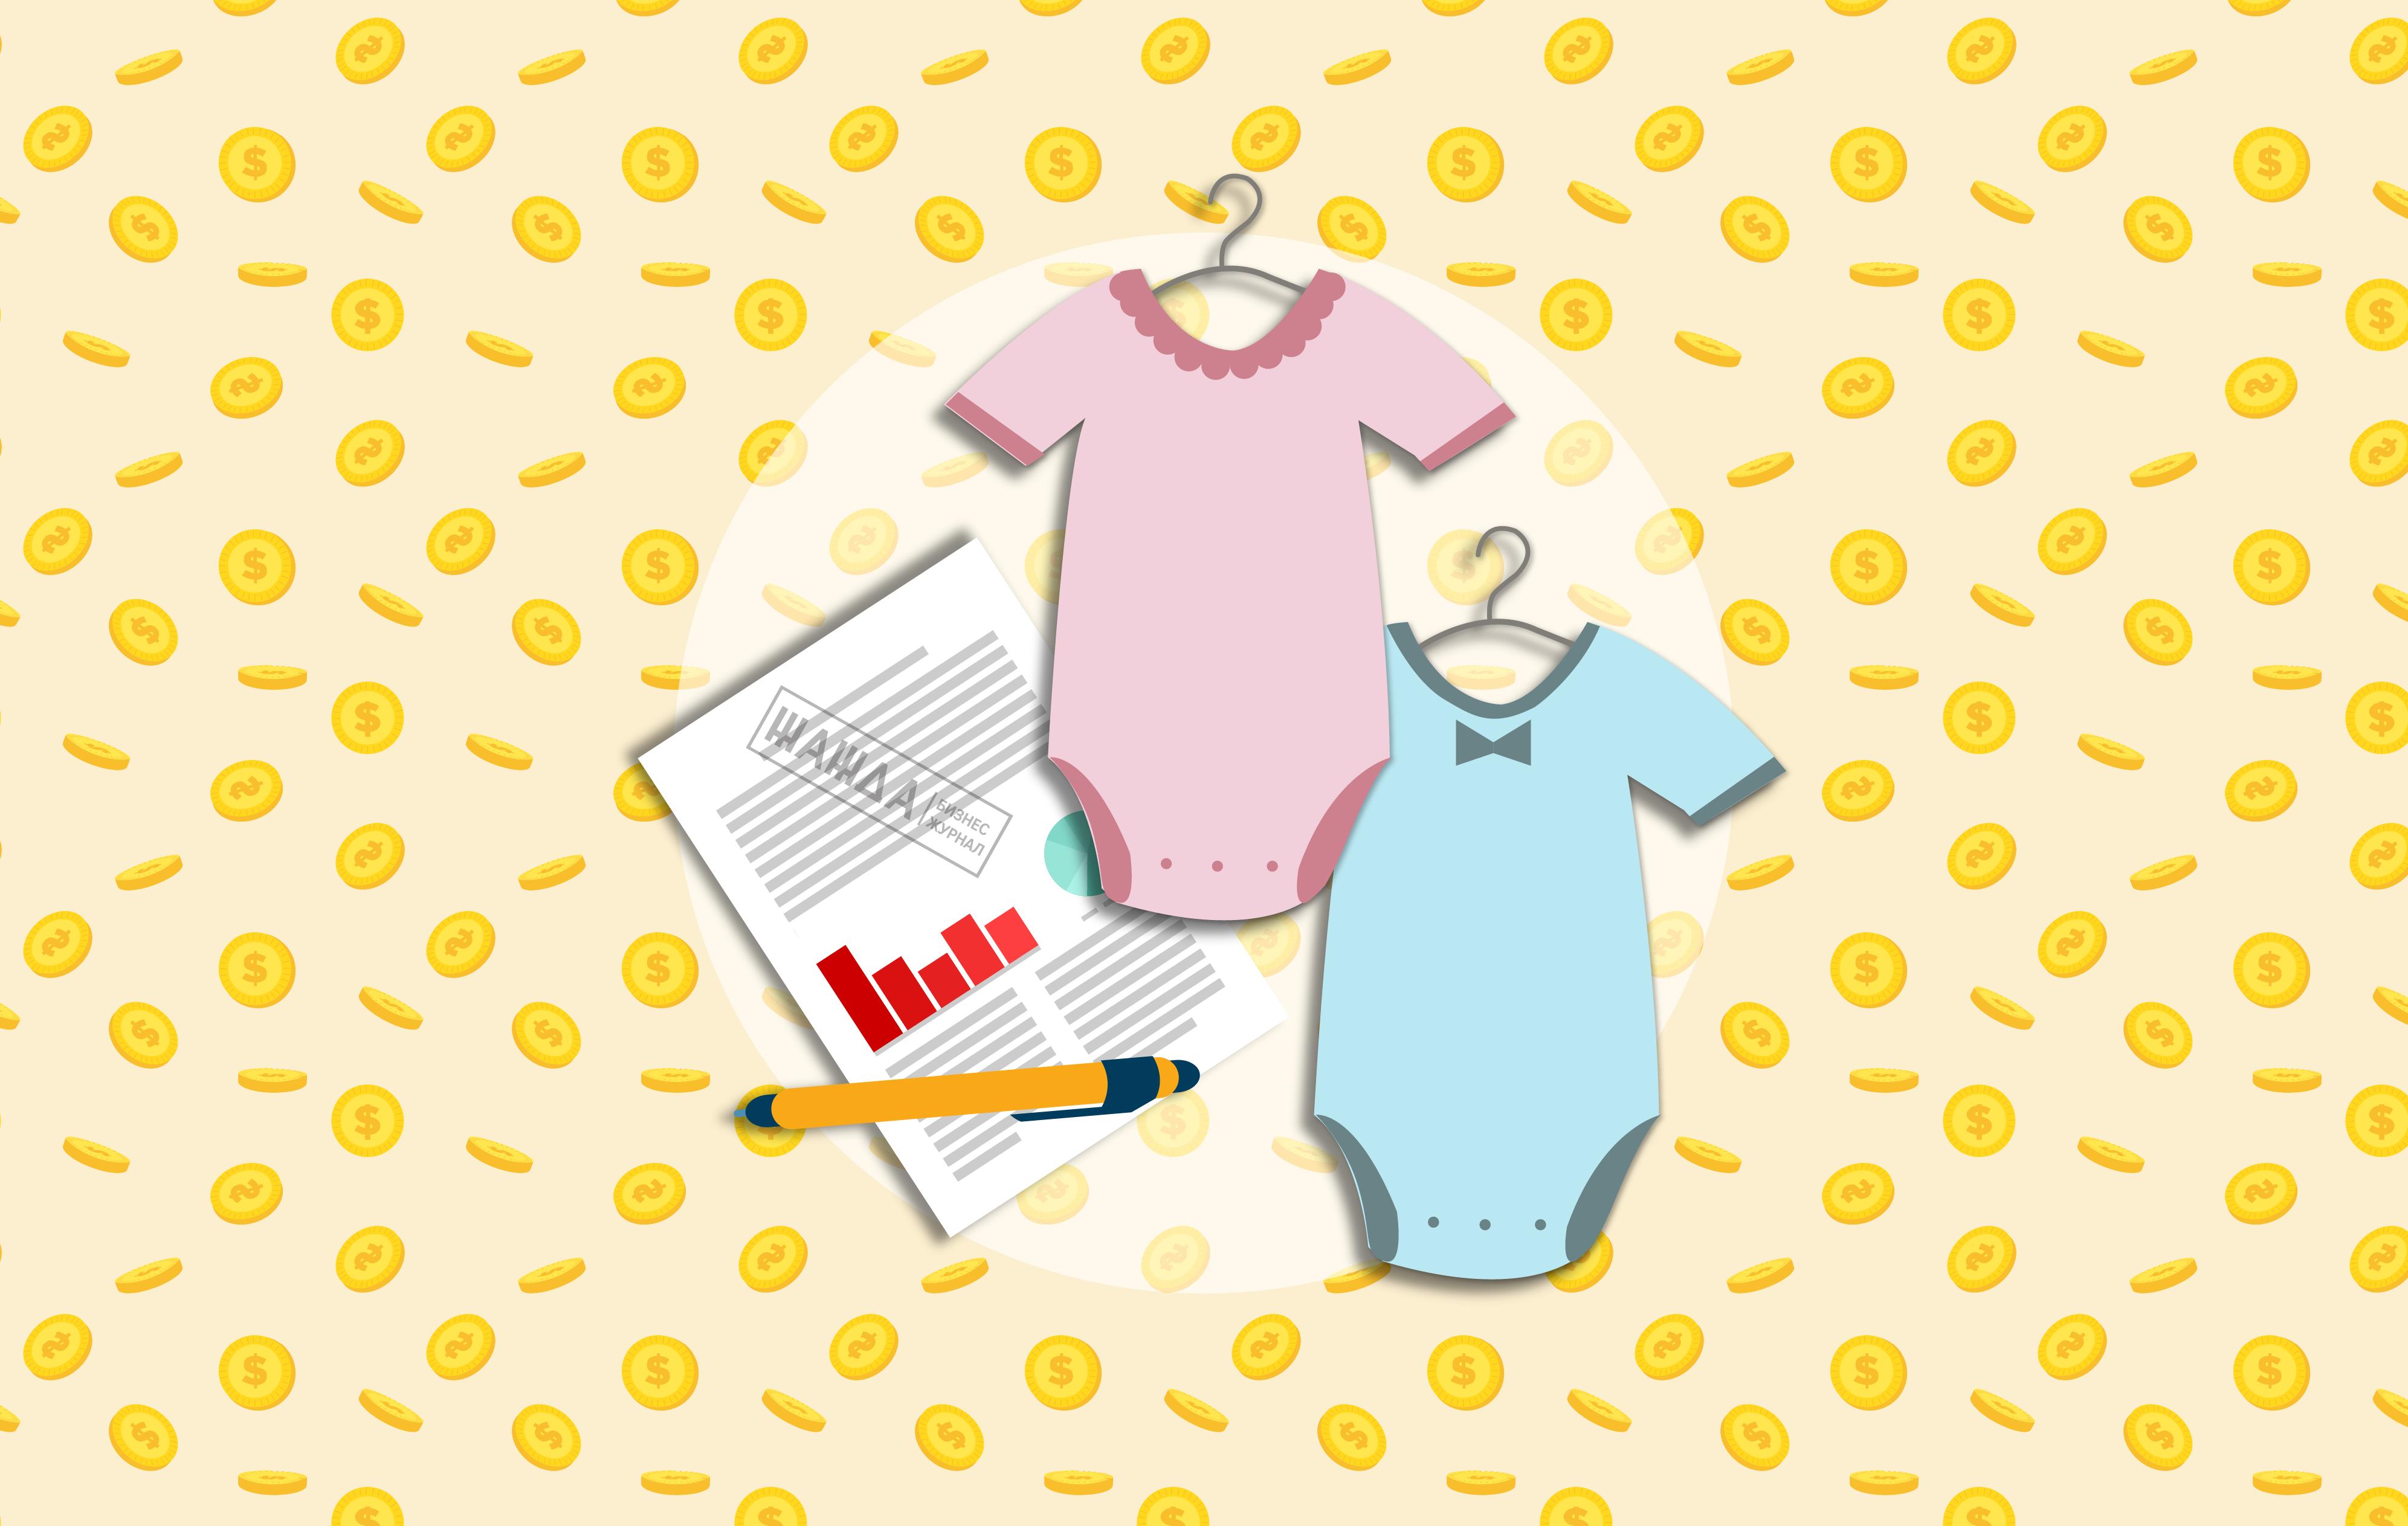 Бизнес-идея производства детской одежды